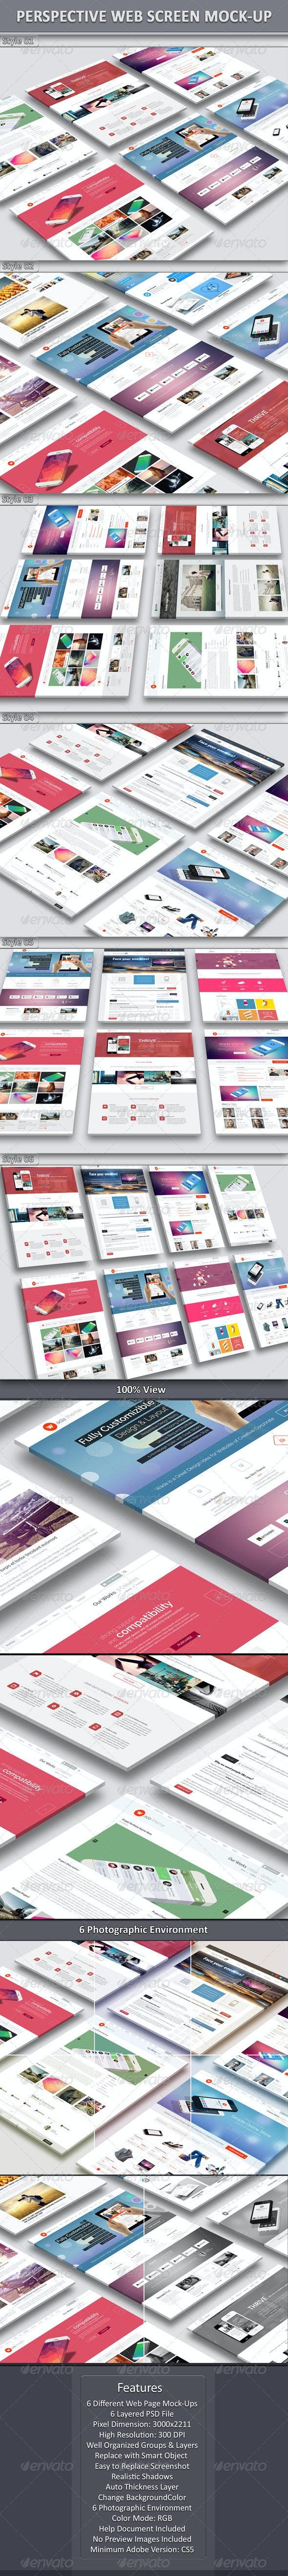 Perspective Website Mock-Up 01 - Website Displays